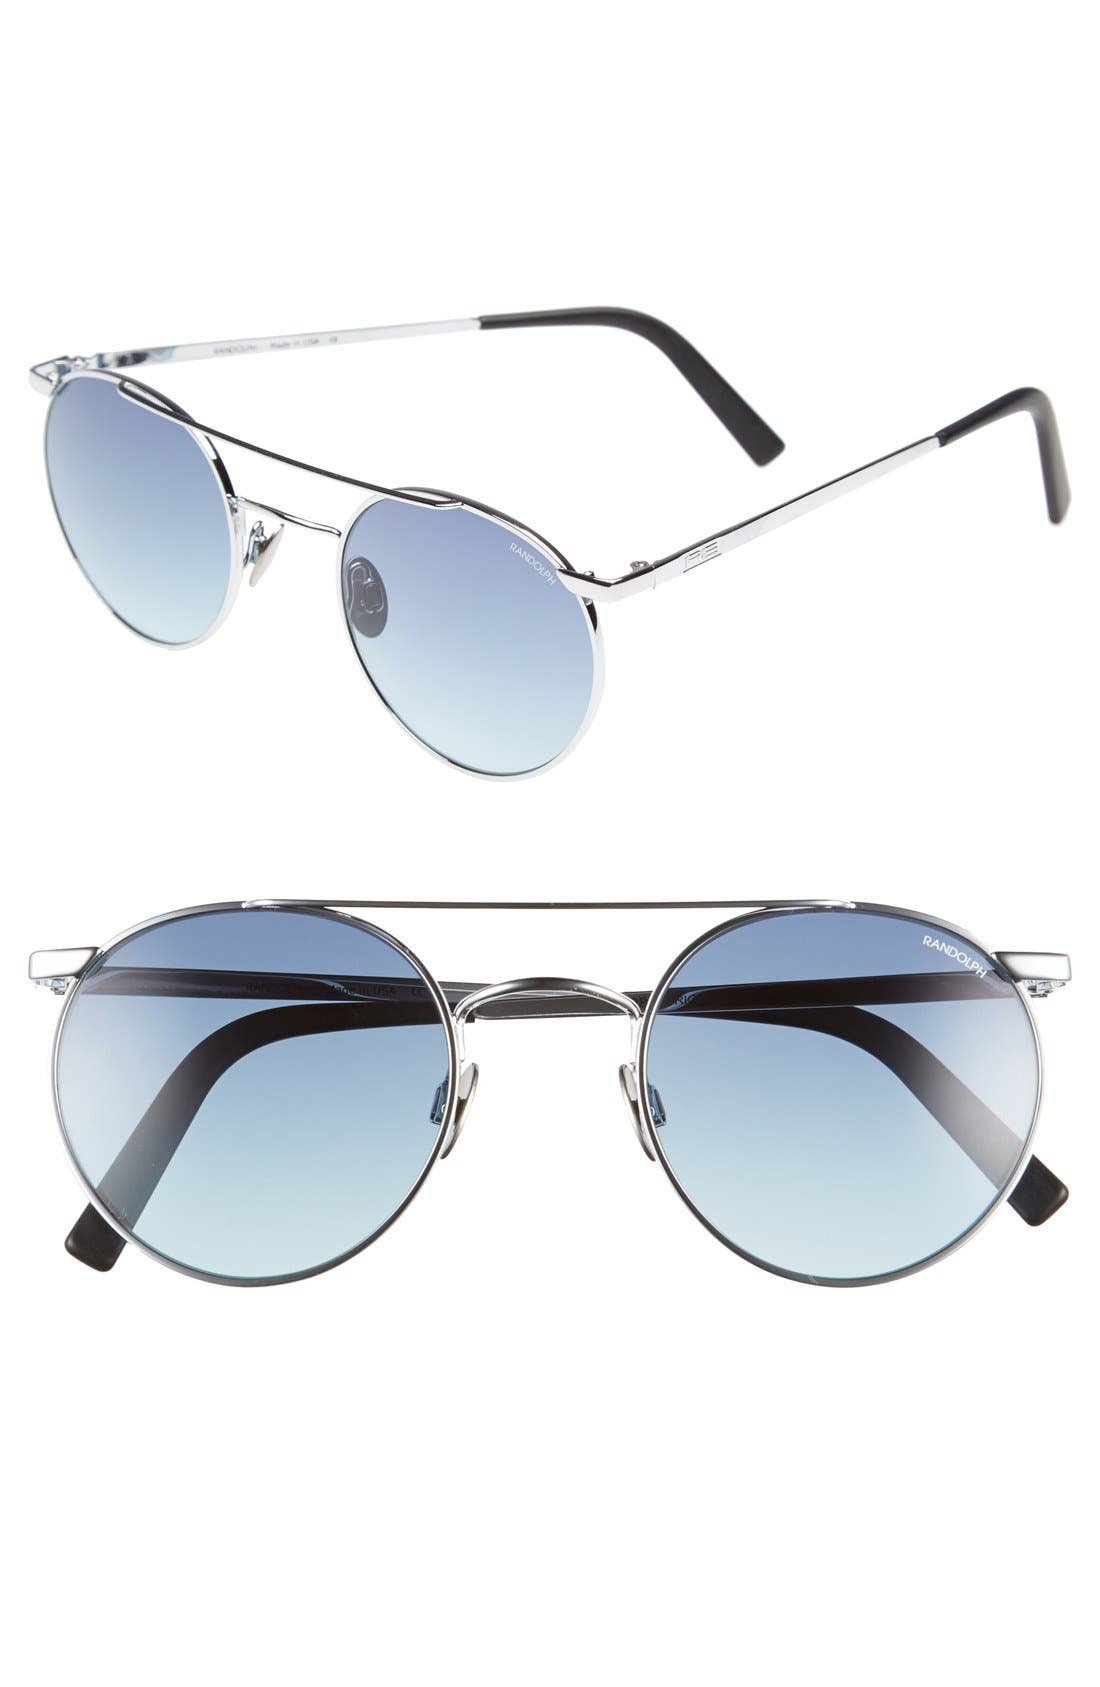 'Shadow' Retro Sunglasses,                         Main,                         color, Bright Chrome/ Navy